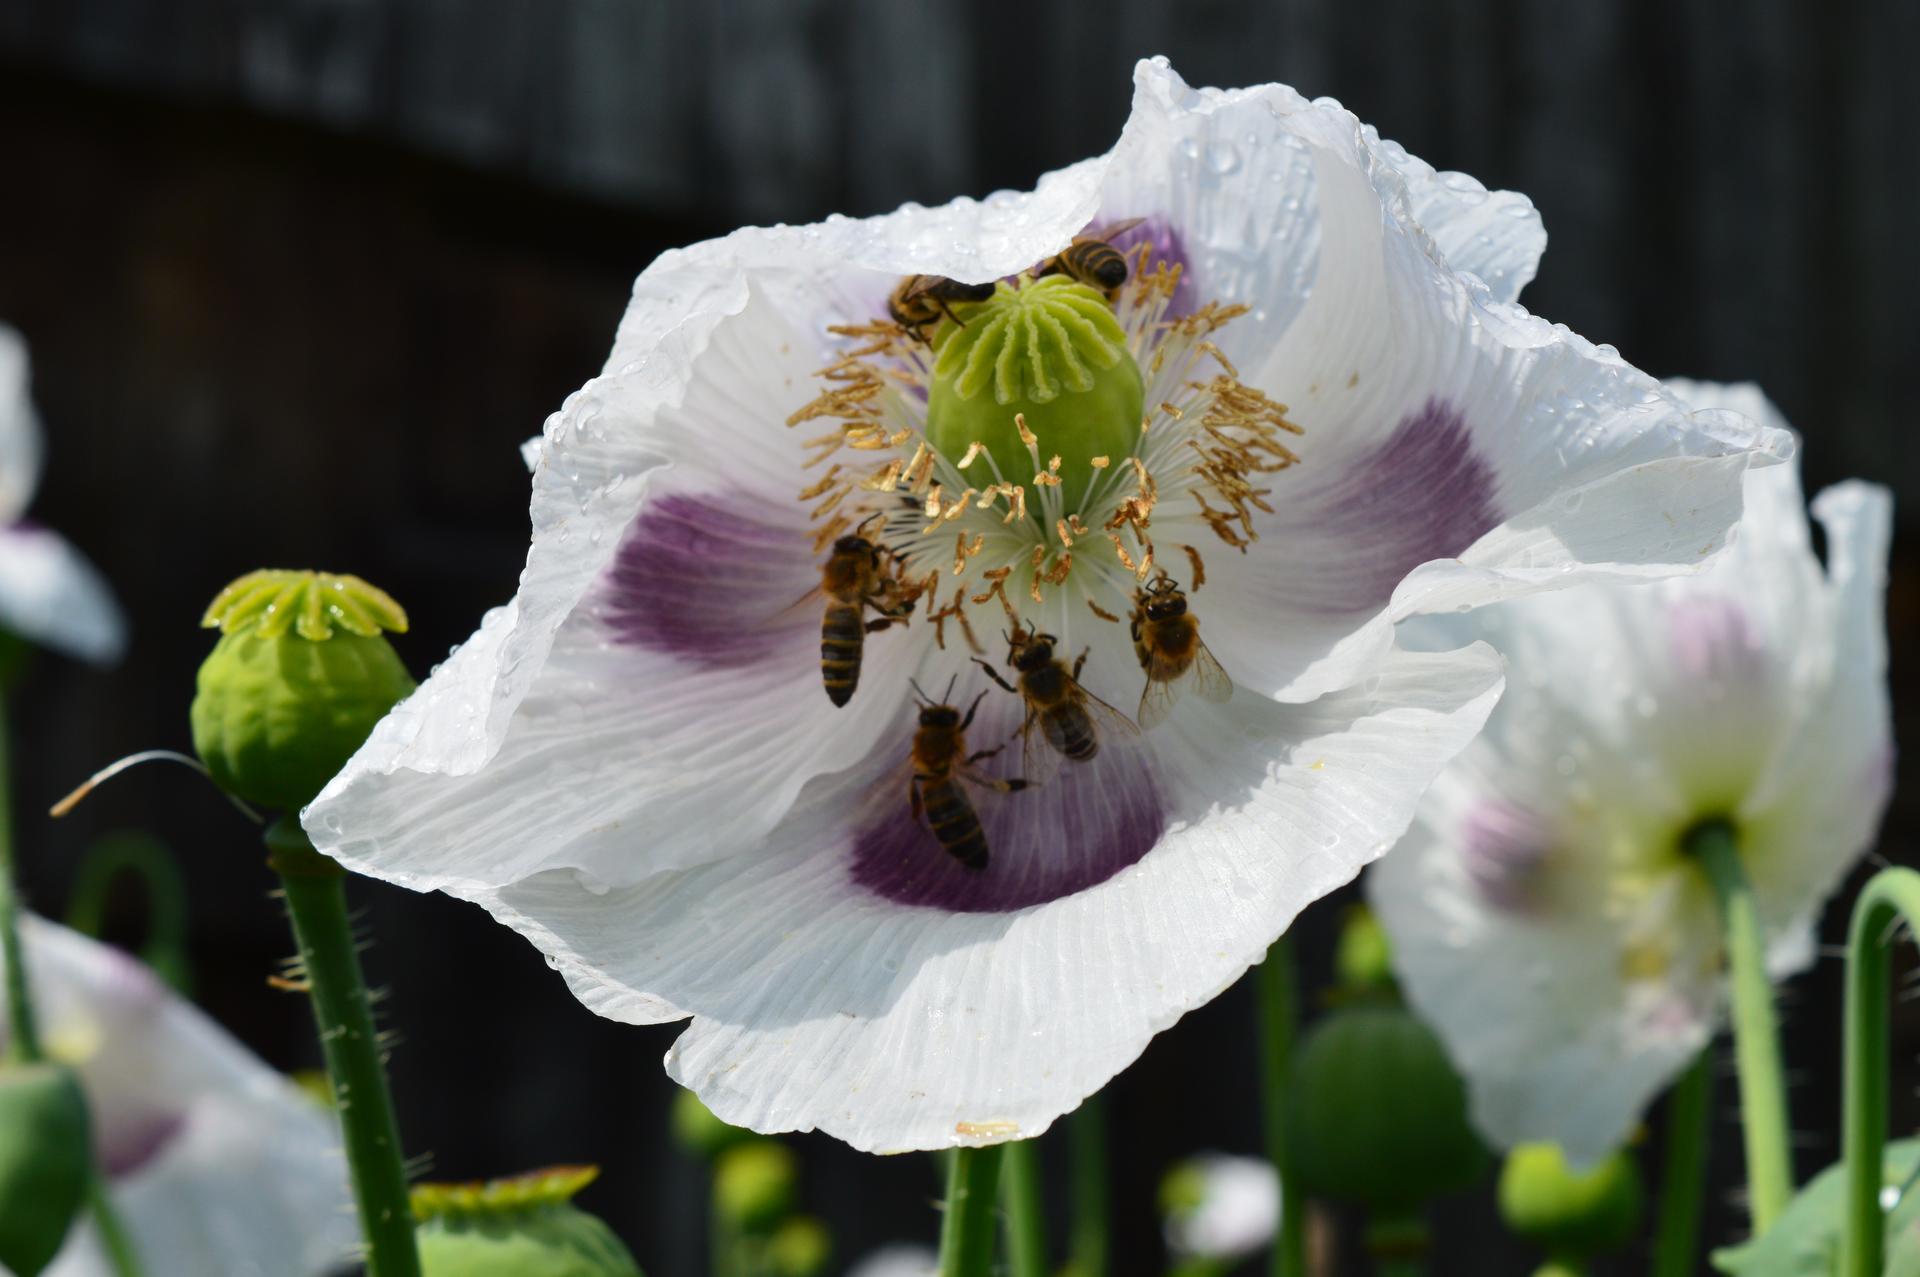 Naša prírodná perma záhradka v roku 2020 - každý jeden kvietok bol ako bufet pre hmyz